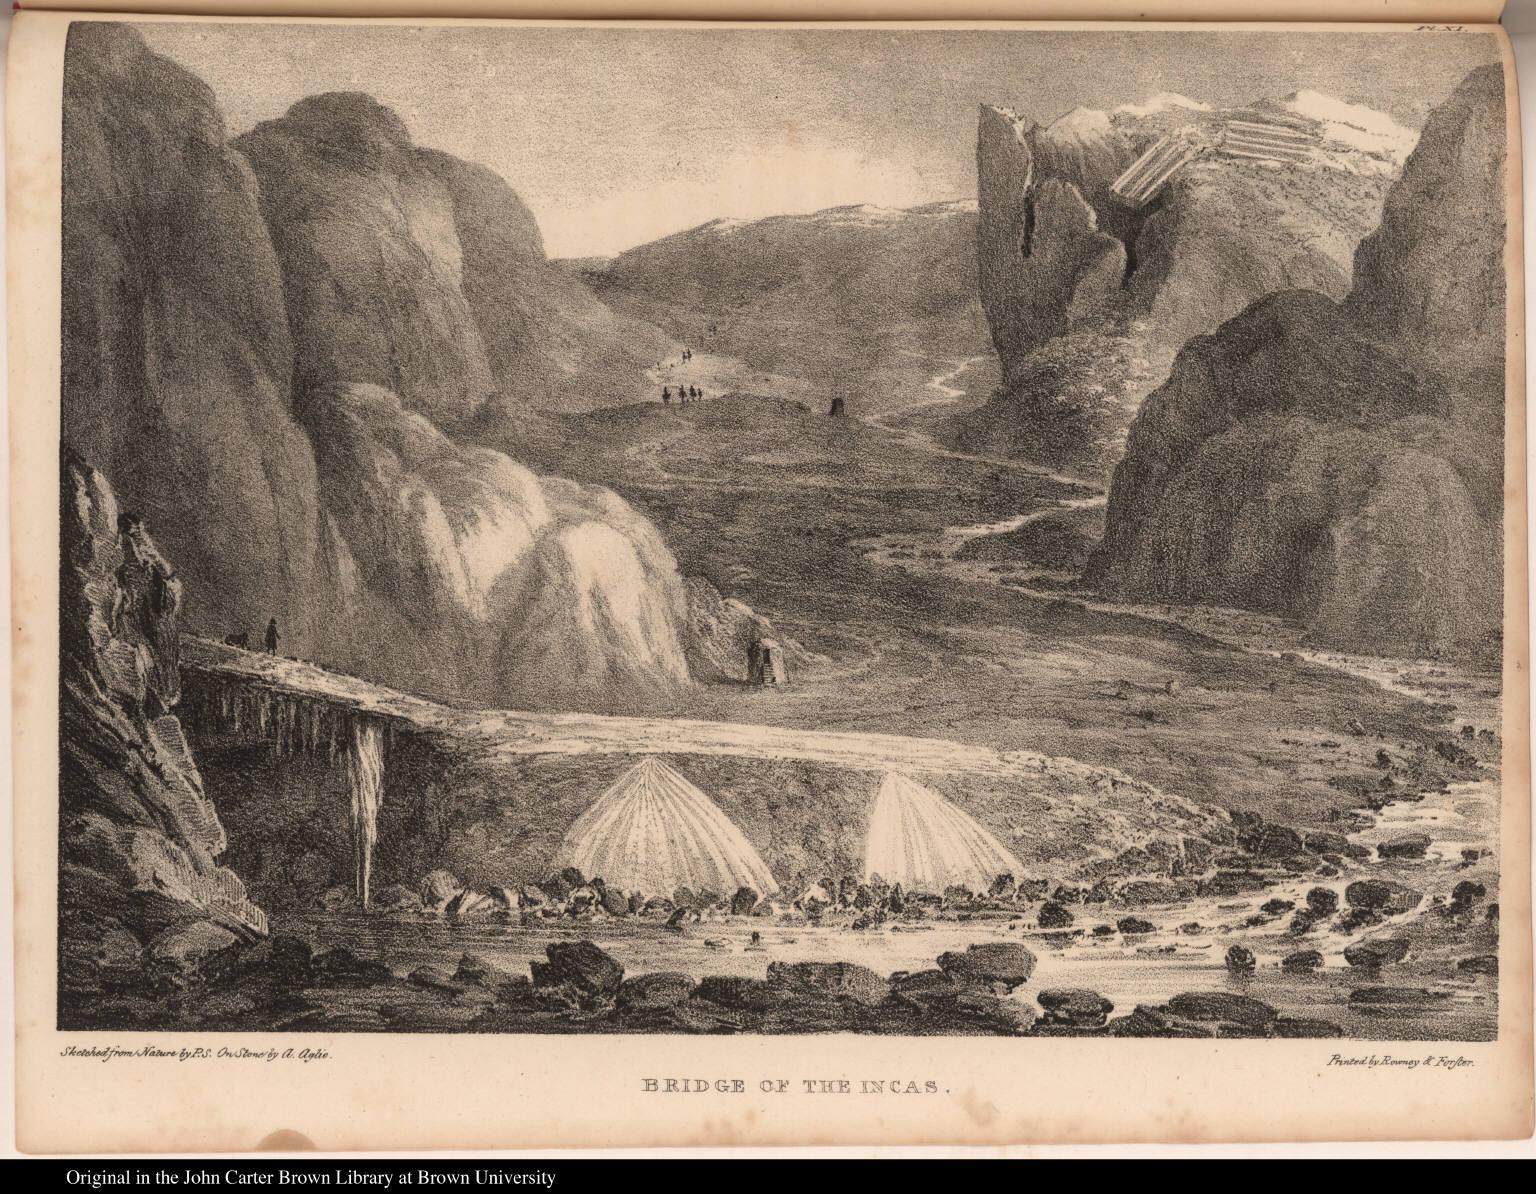 Bridge of the Incas.